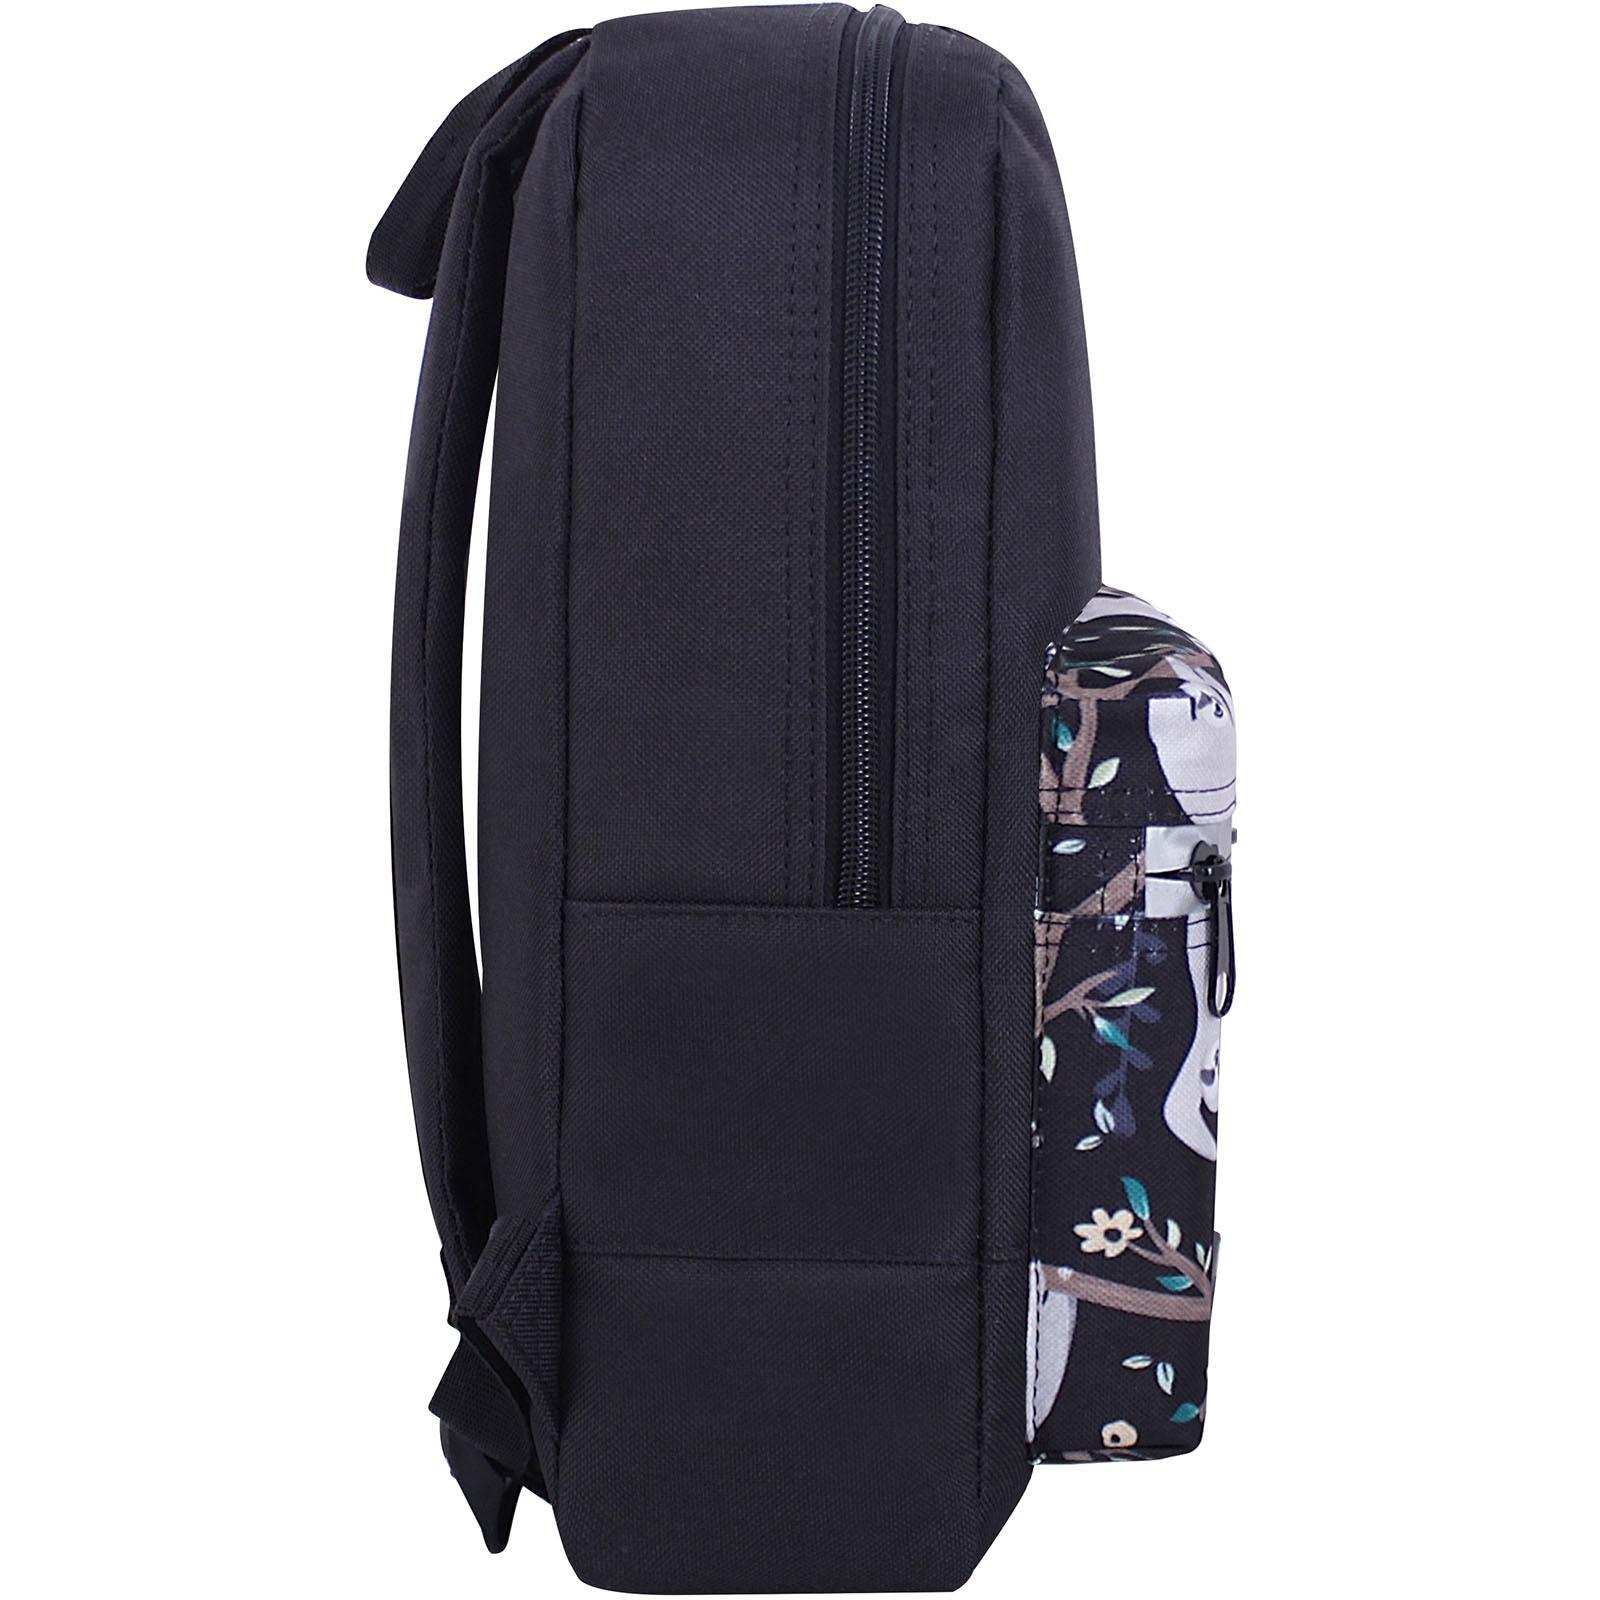 Рюкзак Bagland Молодежный mini 8 л. черный 760 (0050866) фото 2